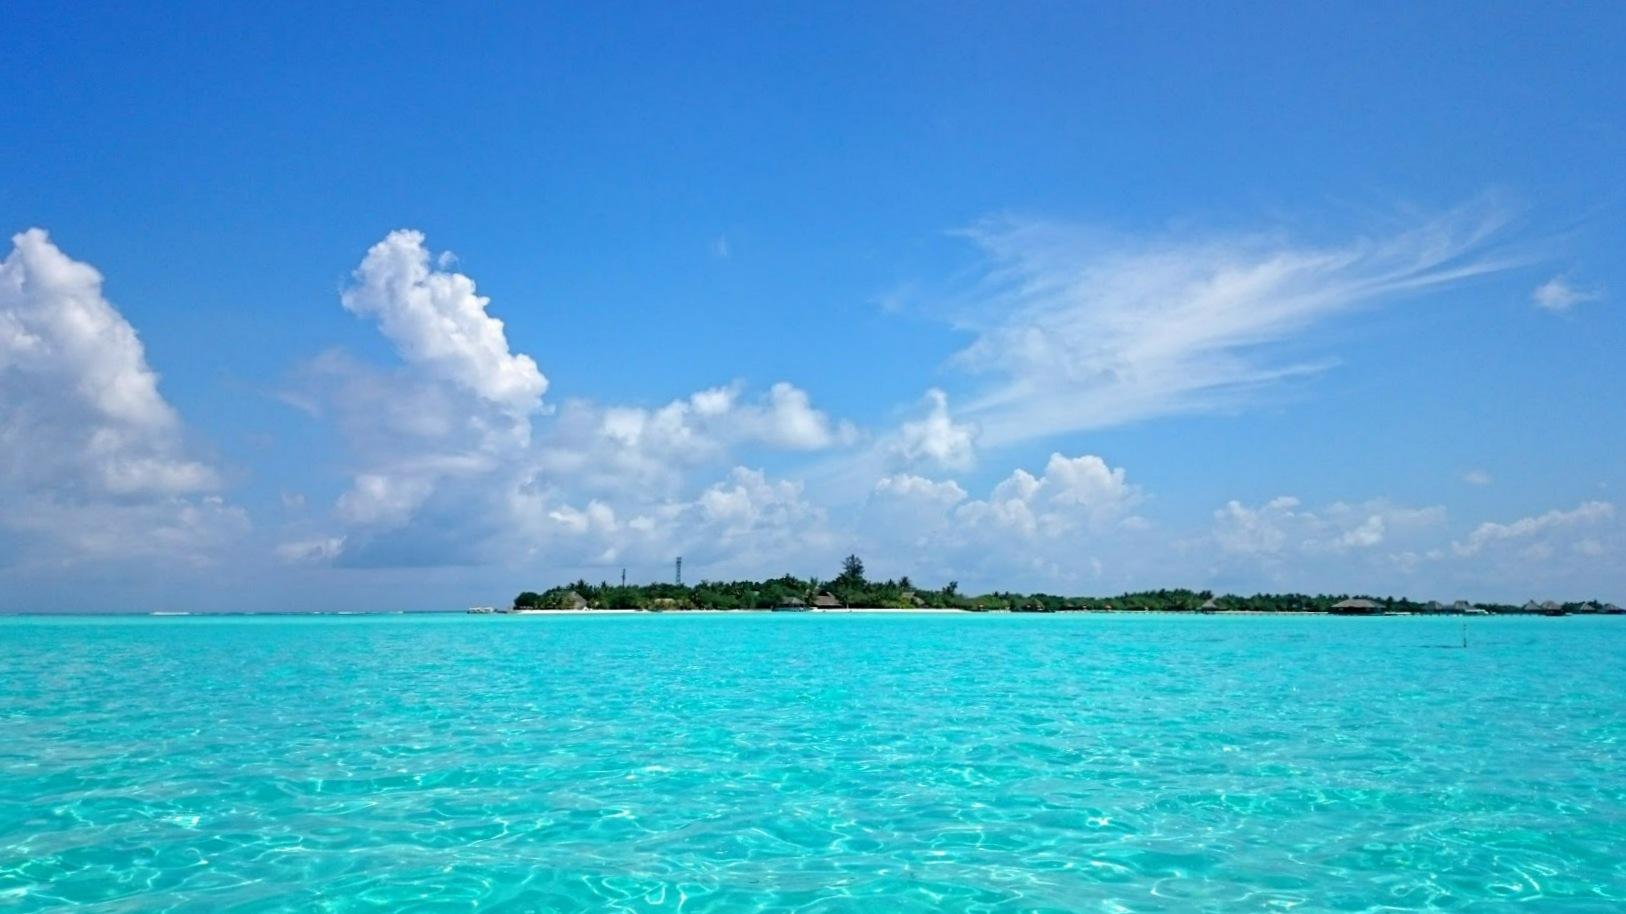 Malediivit edullisesti malediiveille kokemuksia